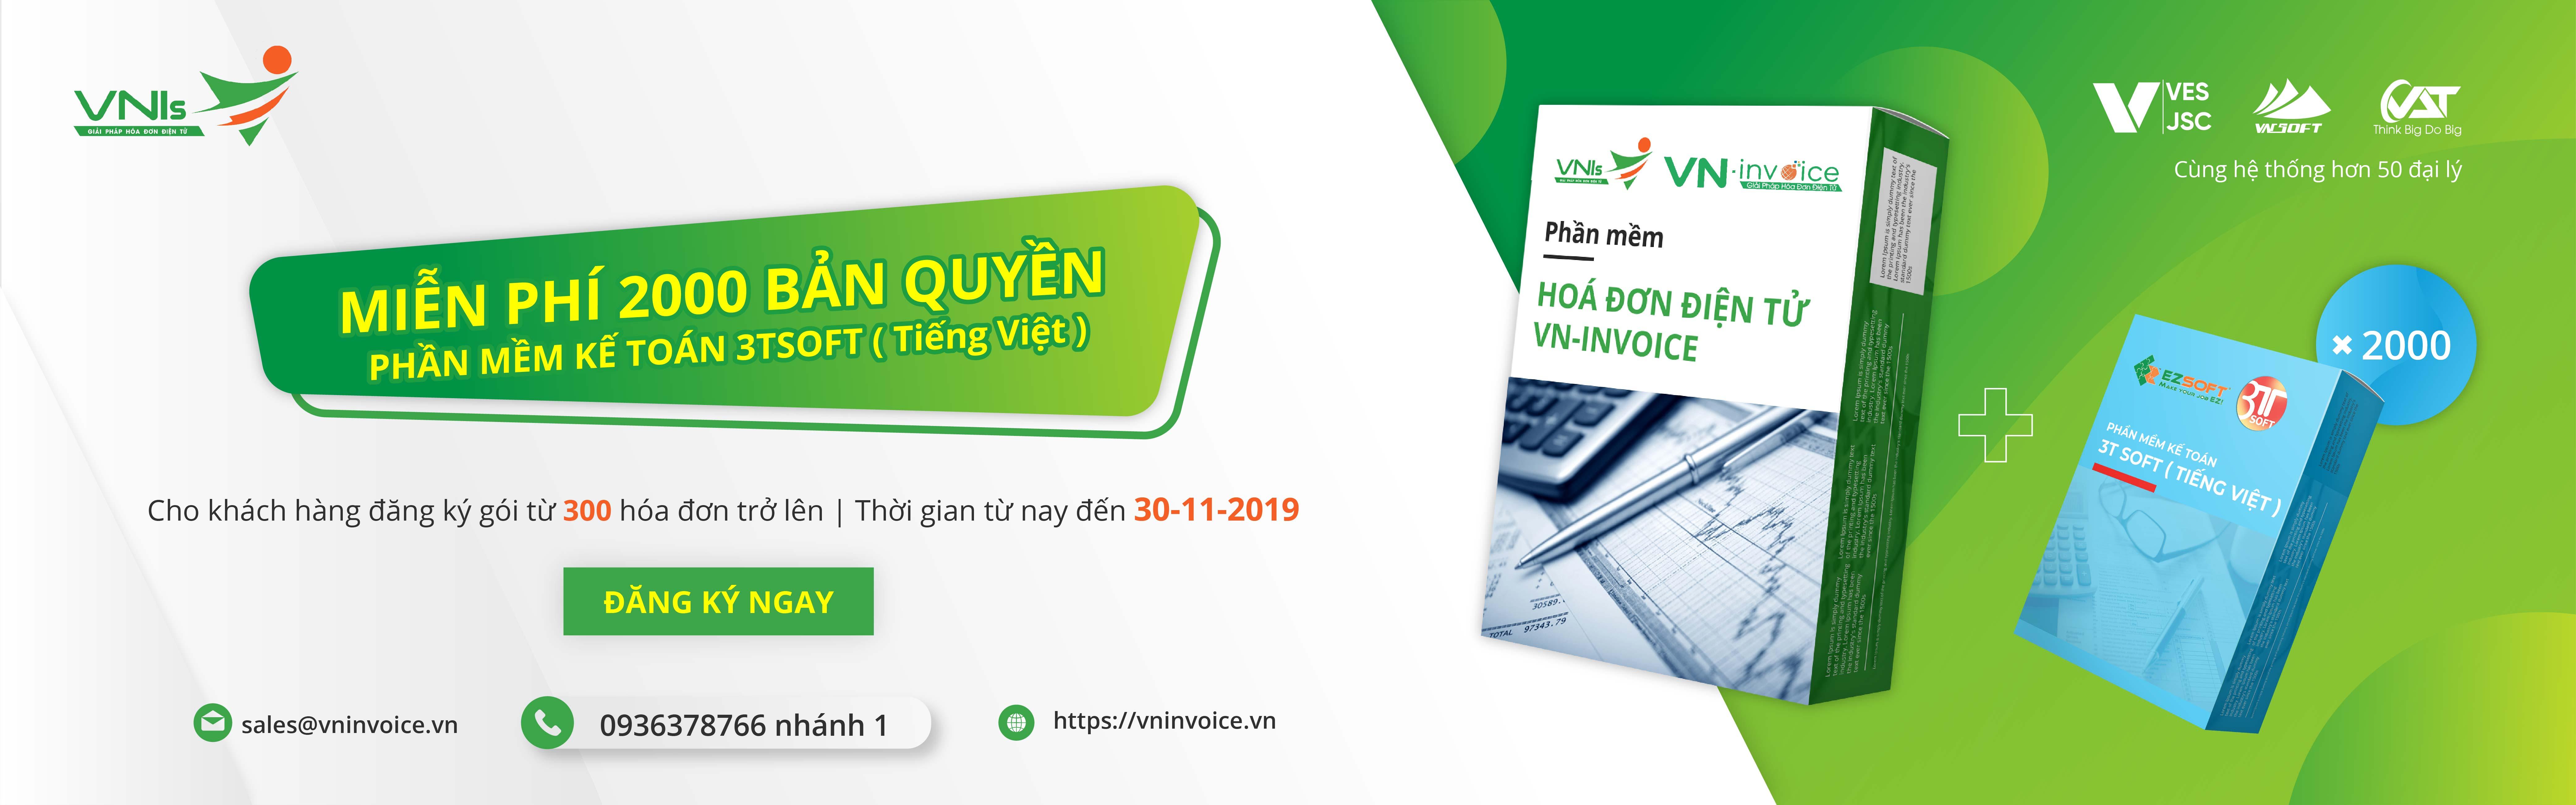 Banner Hoa don dien tu VN-Invoice 2